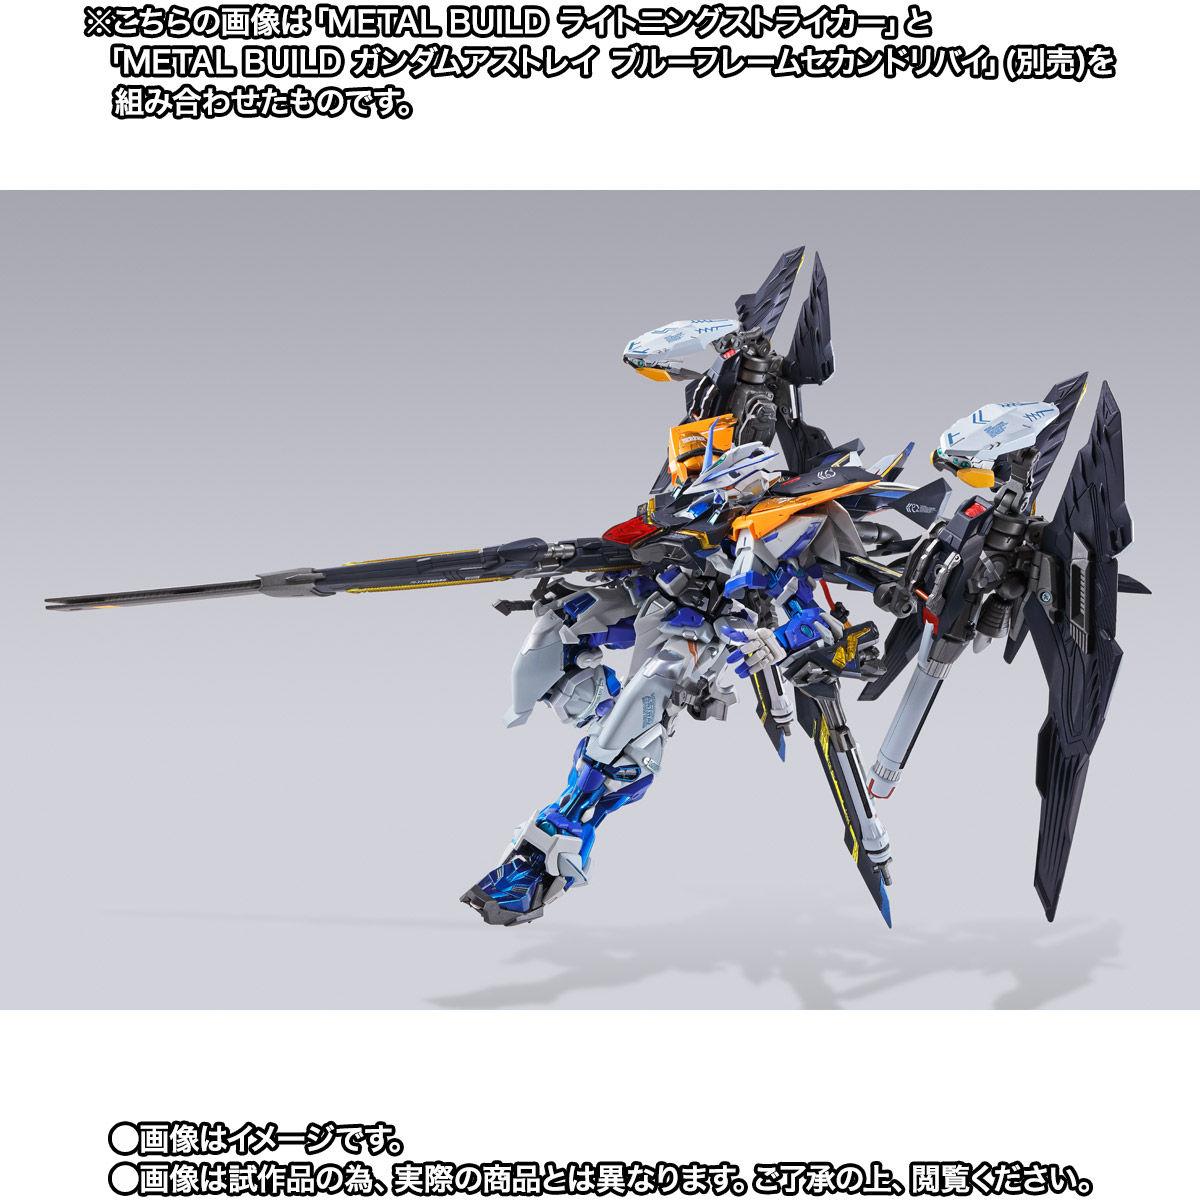 【限定販売】METAL BUILD『ライトニングストライカー』機動戦士ガンダムSEED 可動フィギュア-009